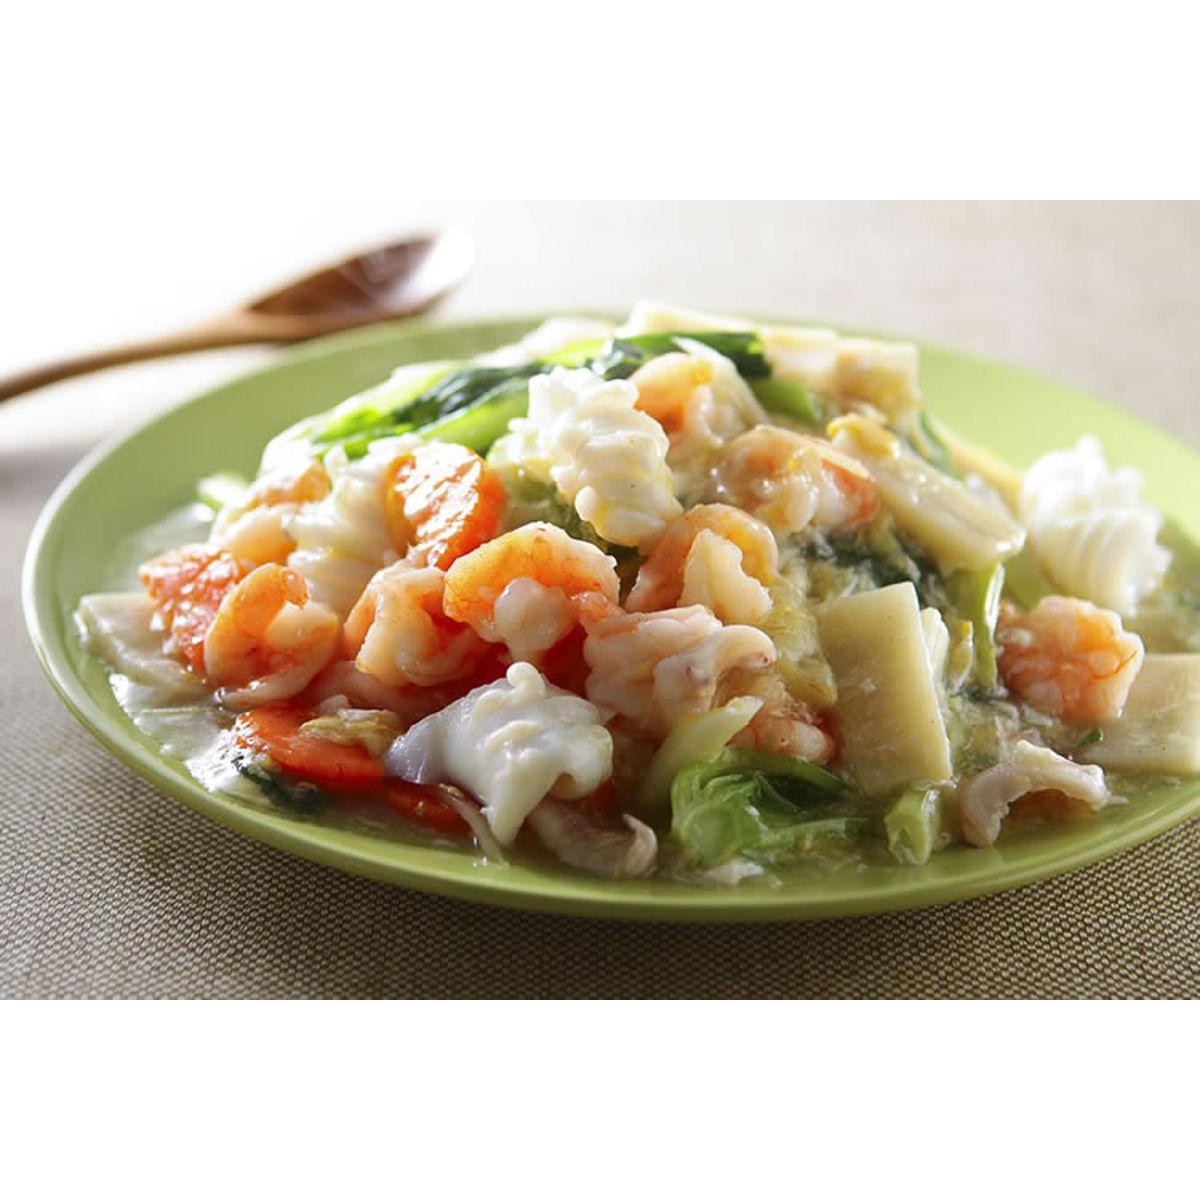 食譜:海鮮滑蛋燴飯